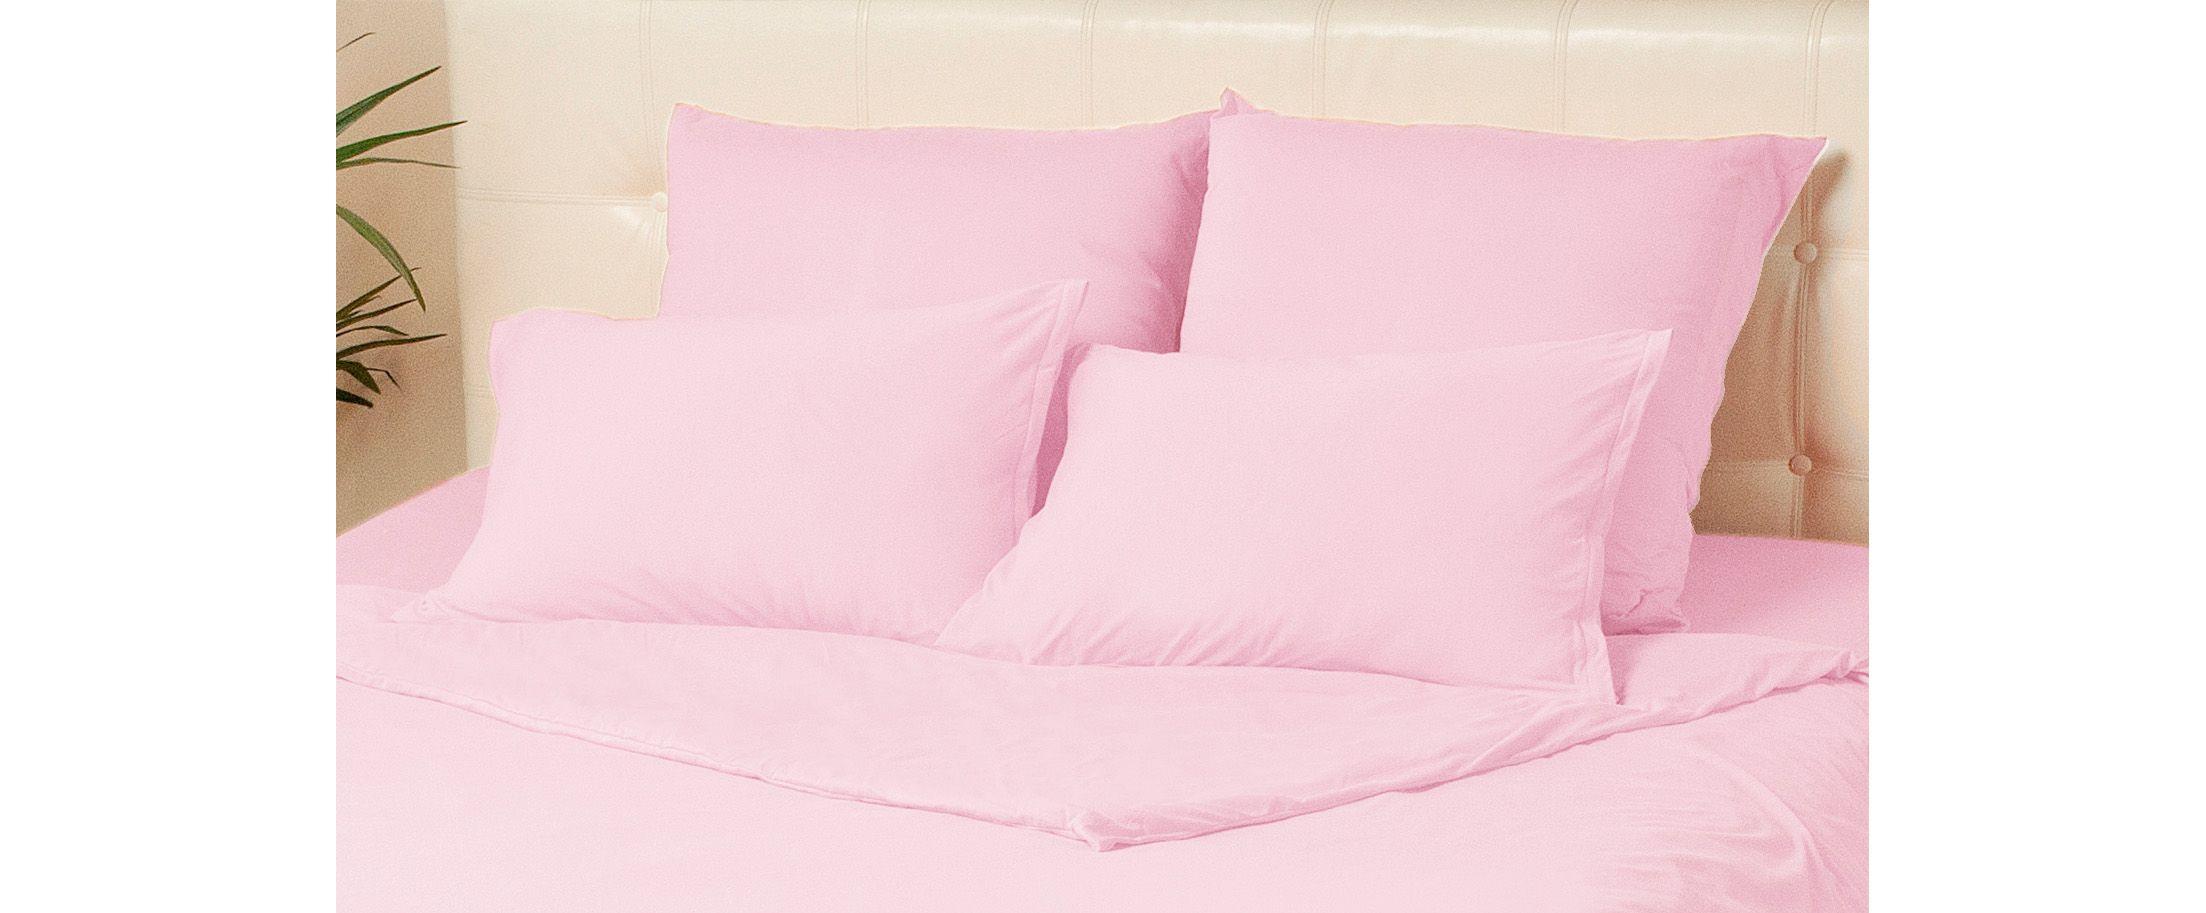 Комплект наволочек на молнии 50х70 розового цвета Violett Модель 4002Комплект наволочек на молнии 50х70 розового цвета Violett Модель 4002. Артикул К000704<br><br>Ширина см: 50<br>Глубина см: 70<br>Высота см: 1<br>Цвет: Розовый<br>Материал: Хлопок